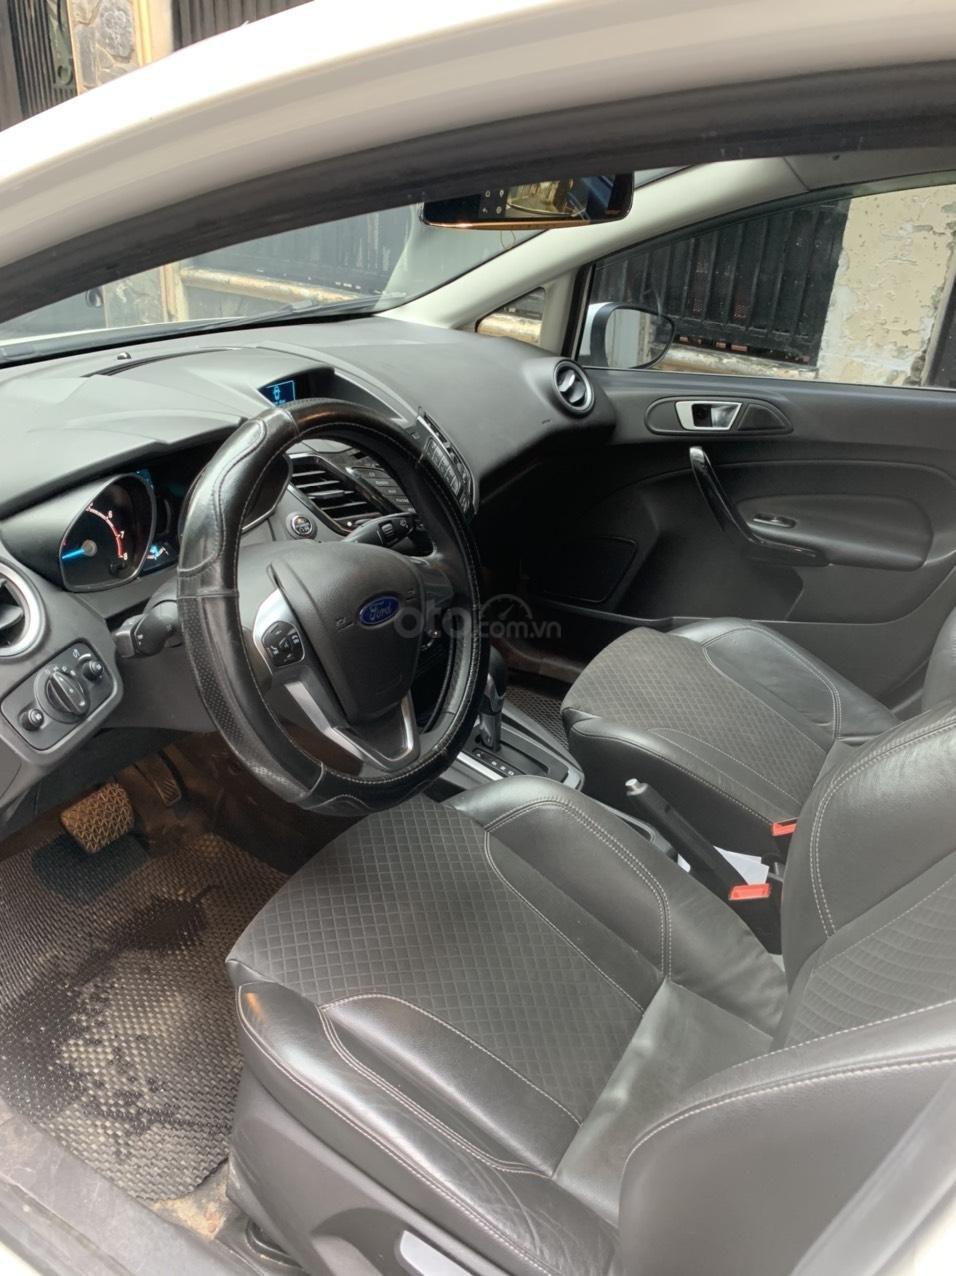 Bán ô tô Ford Fiesta Ecoboost sản xuất 2014, màu trắng, giá chỉ 389 triệu (6)